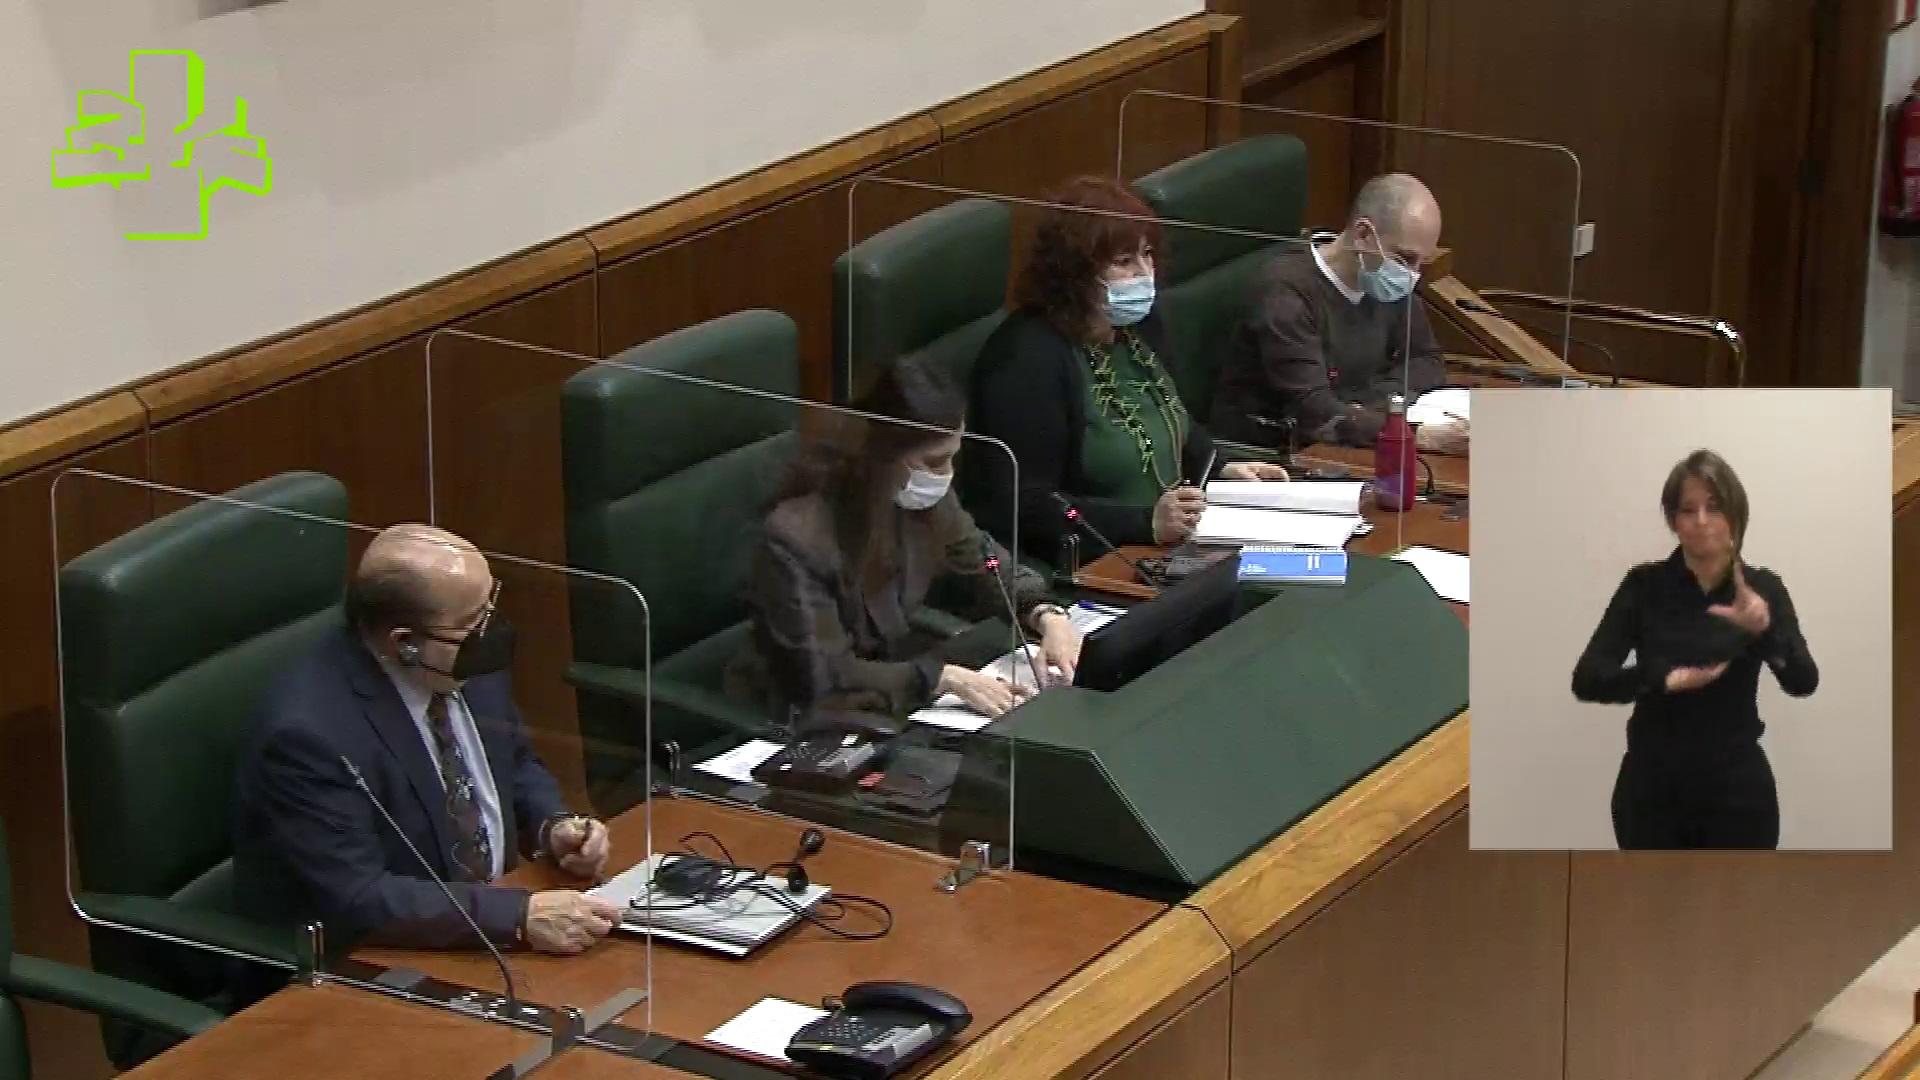 Pleno Ordinario (11/2/2021) [5:52]